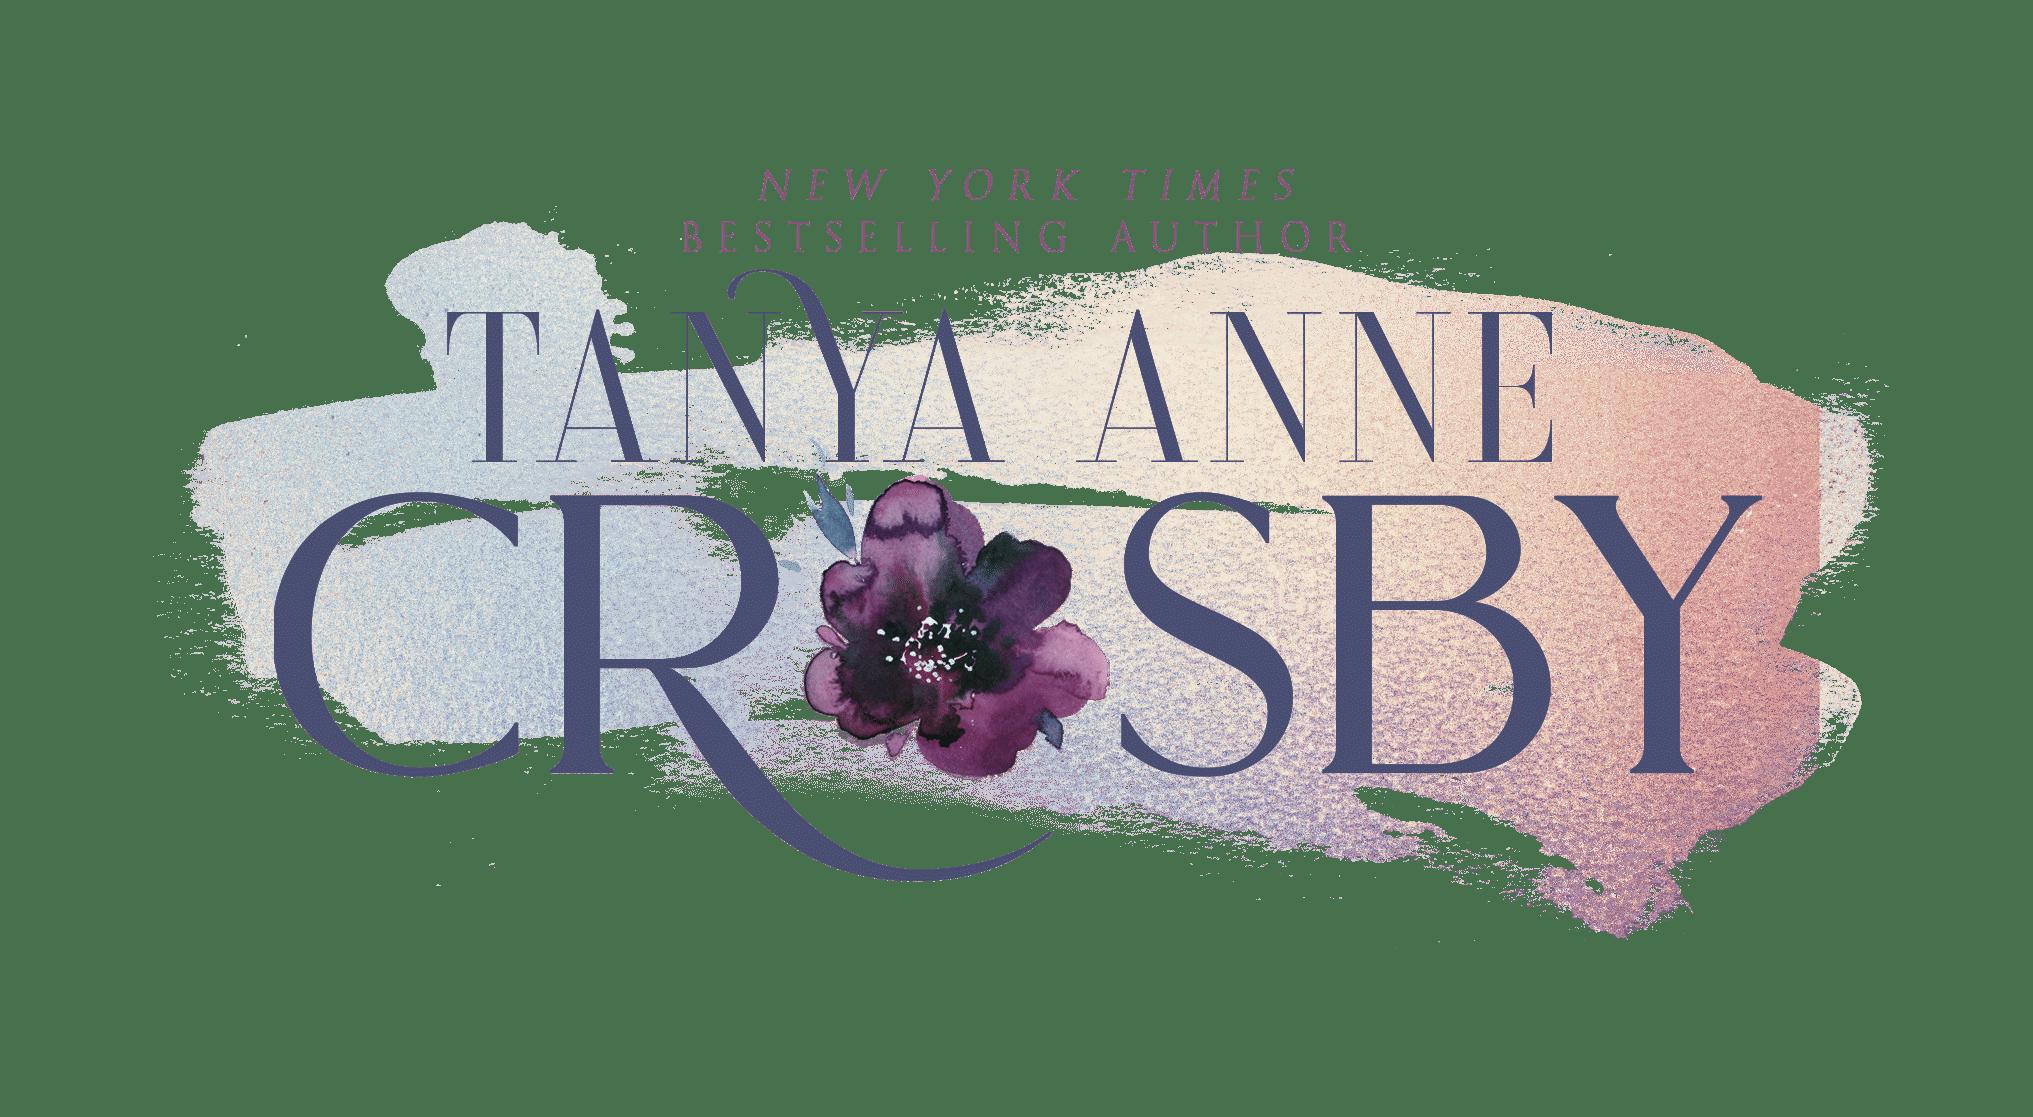 Tanya Anne Crosby